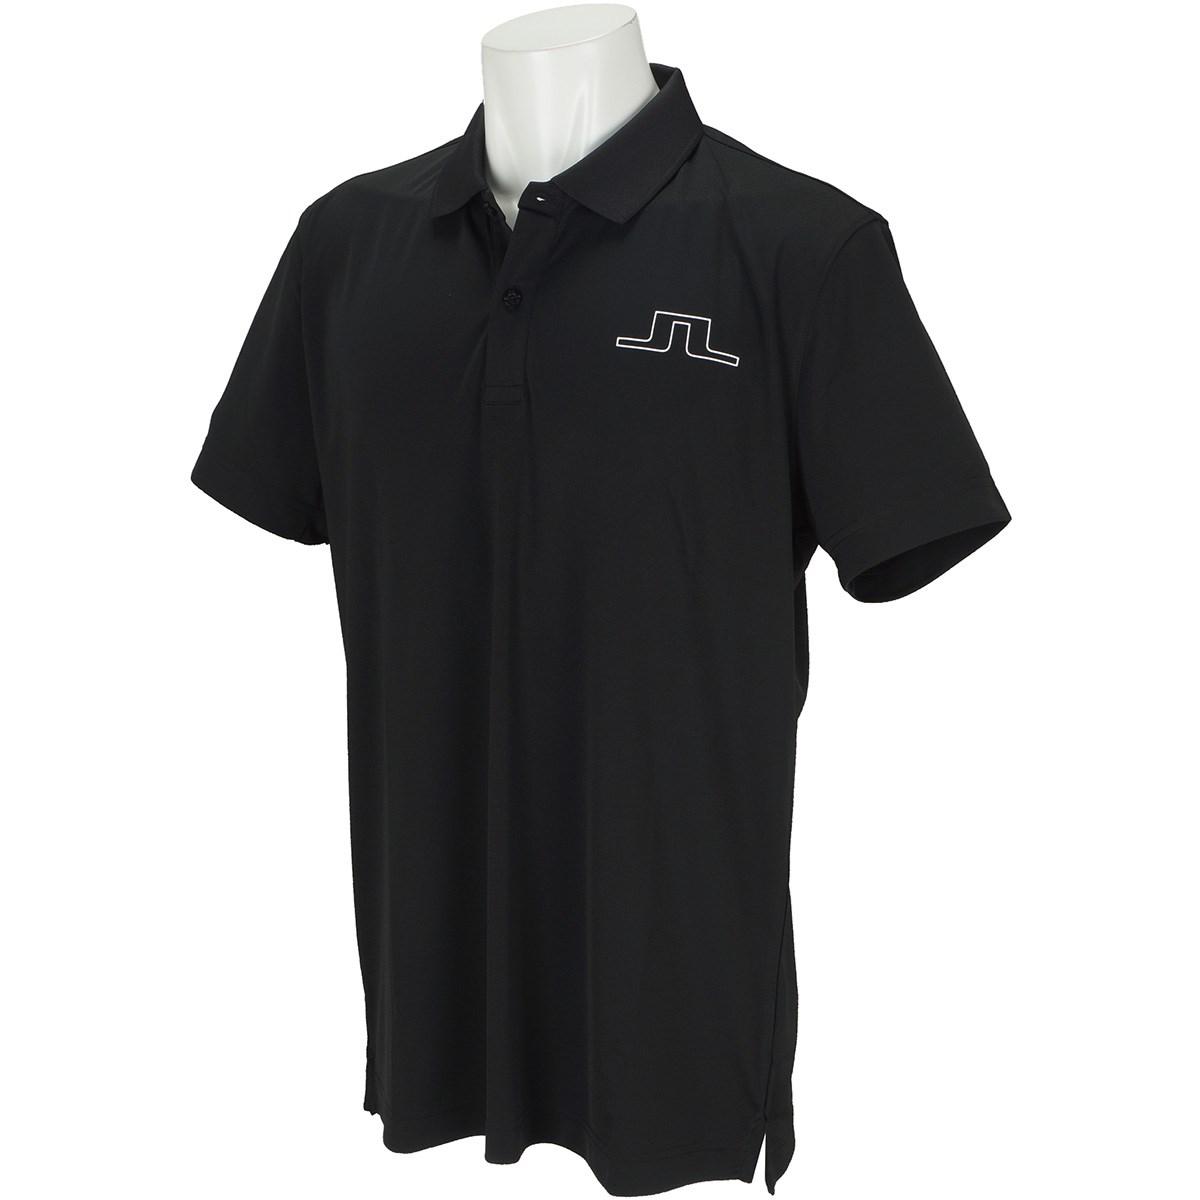 J.リンドバーグ Bridge Regular Fit 半袖ポロシャツ